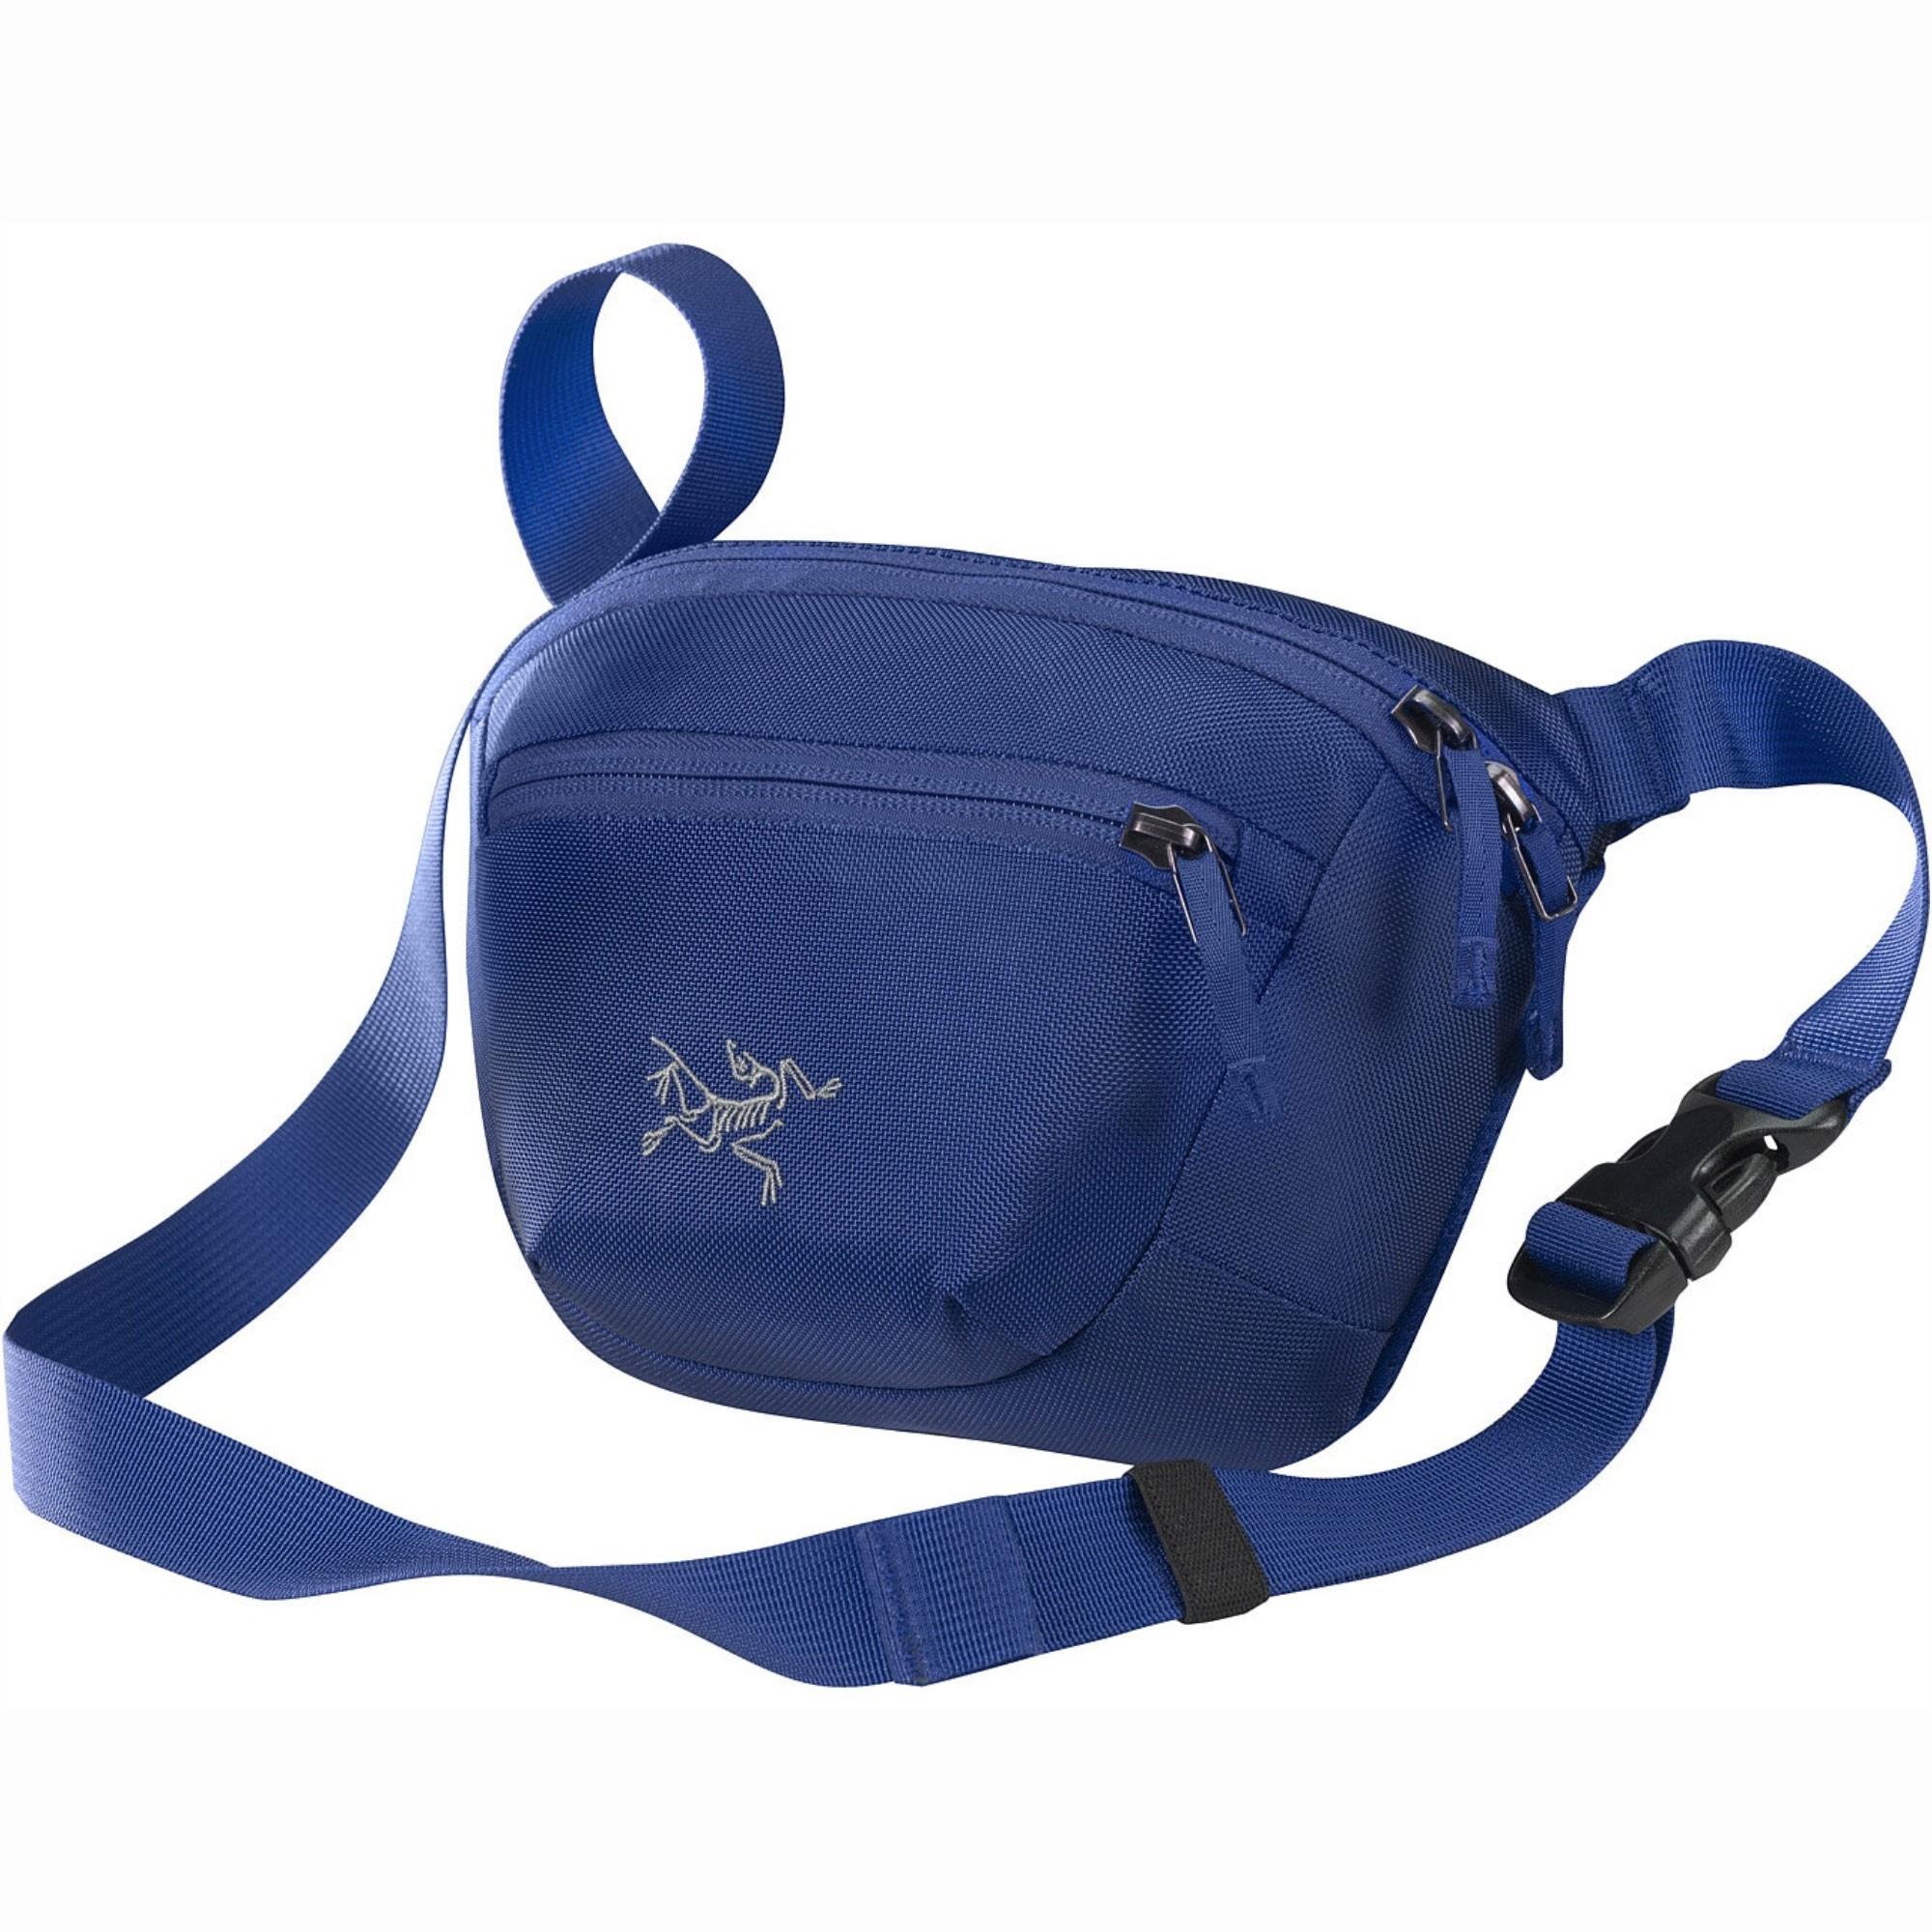 Arcteryx-Maka-1-Waistpack-Olympus-Blue-S18